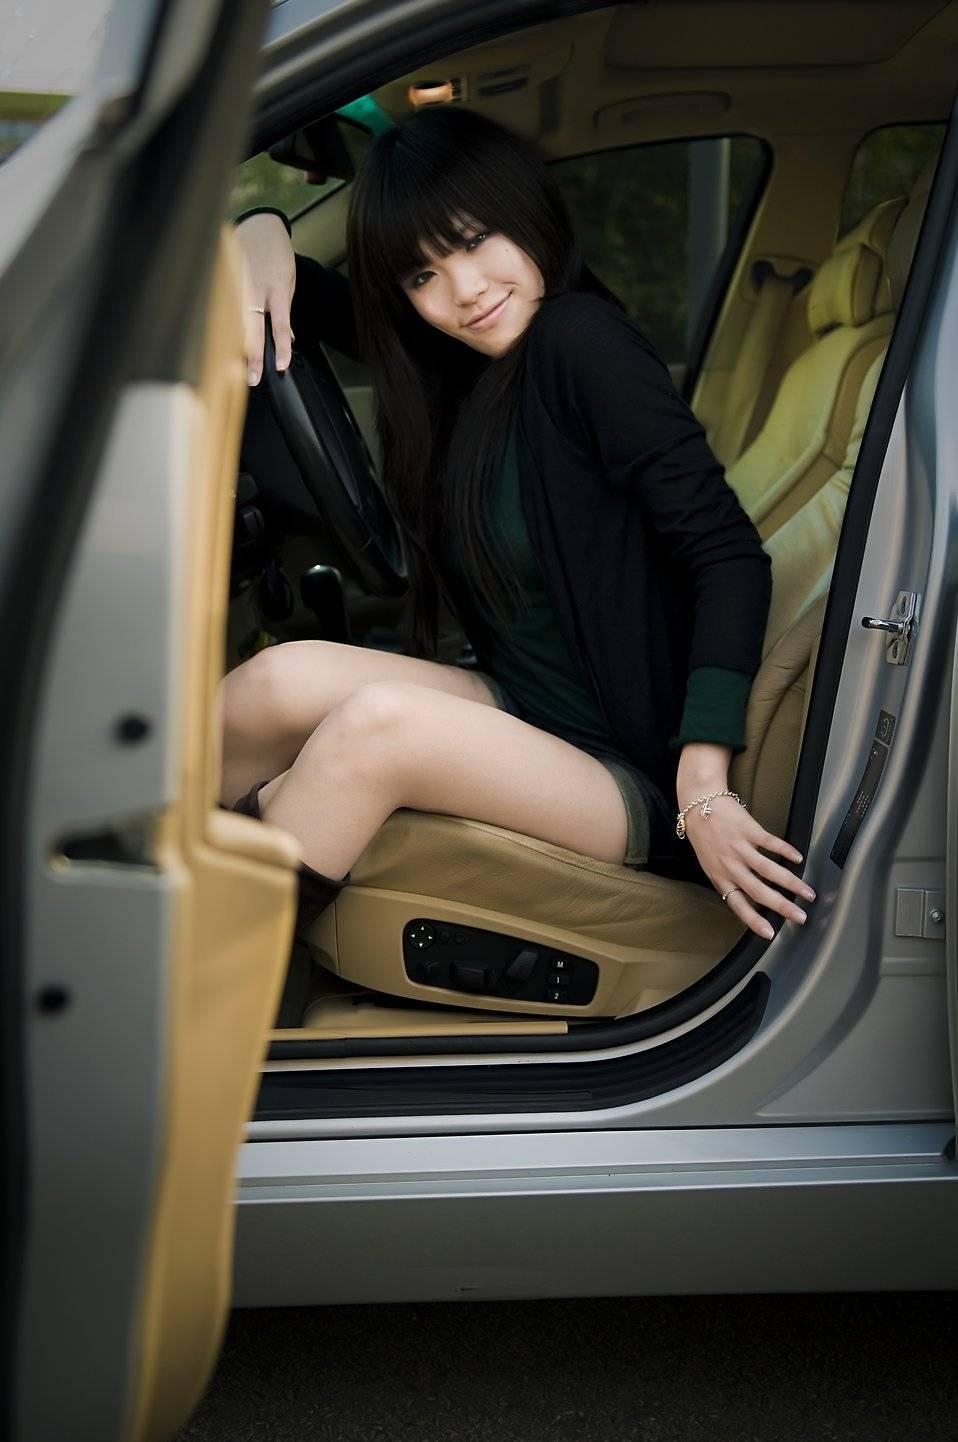 La posición para subir y bajar del auto